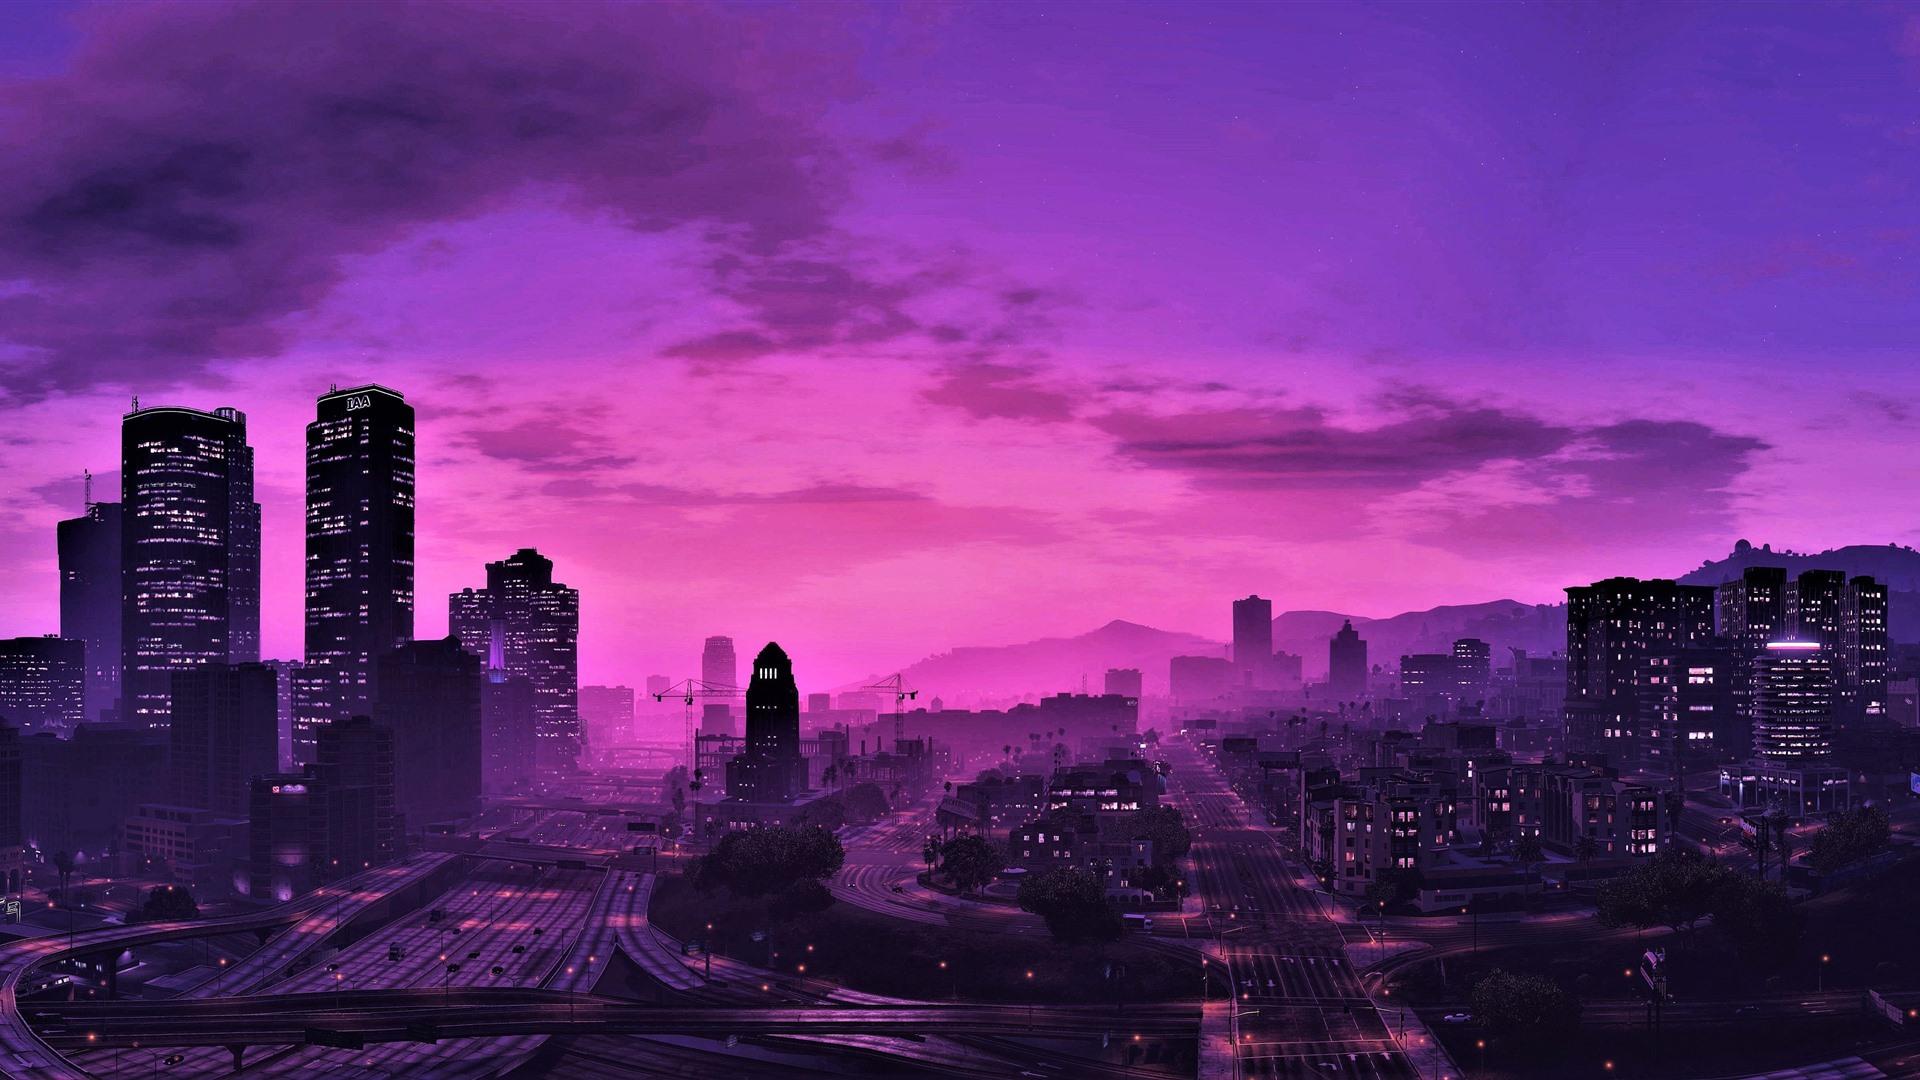 Gta 5 Stadt Bei Nacht Lila Stil Wolkenkratzer 3840x2160